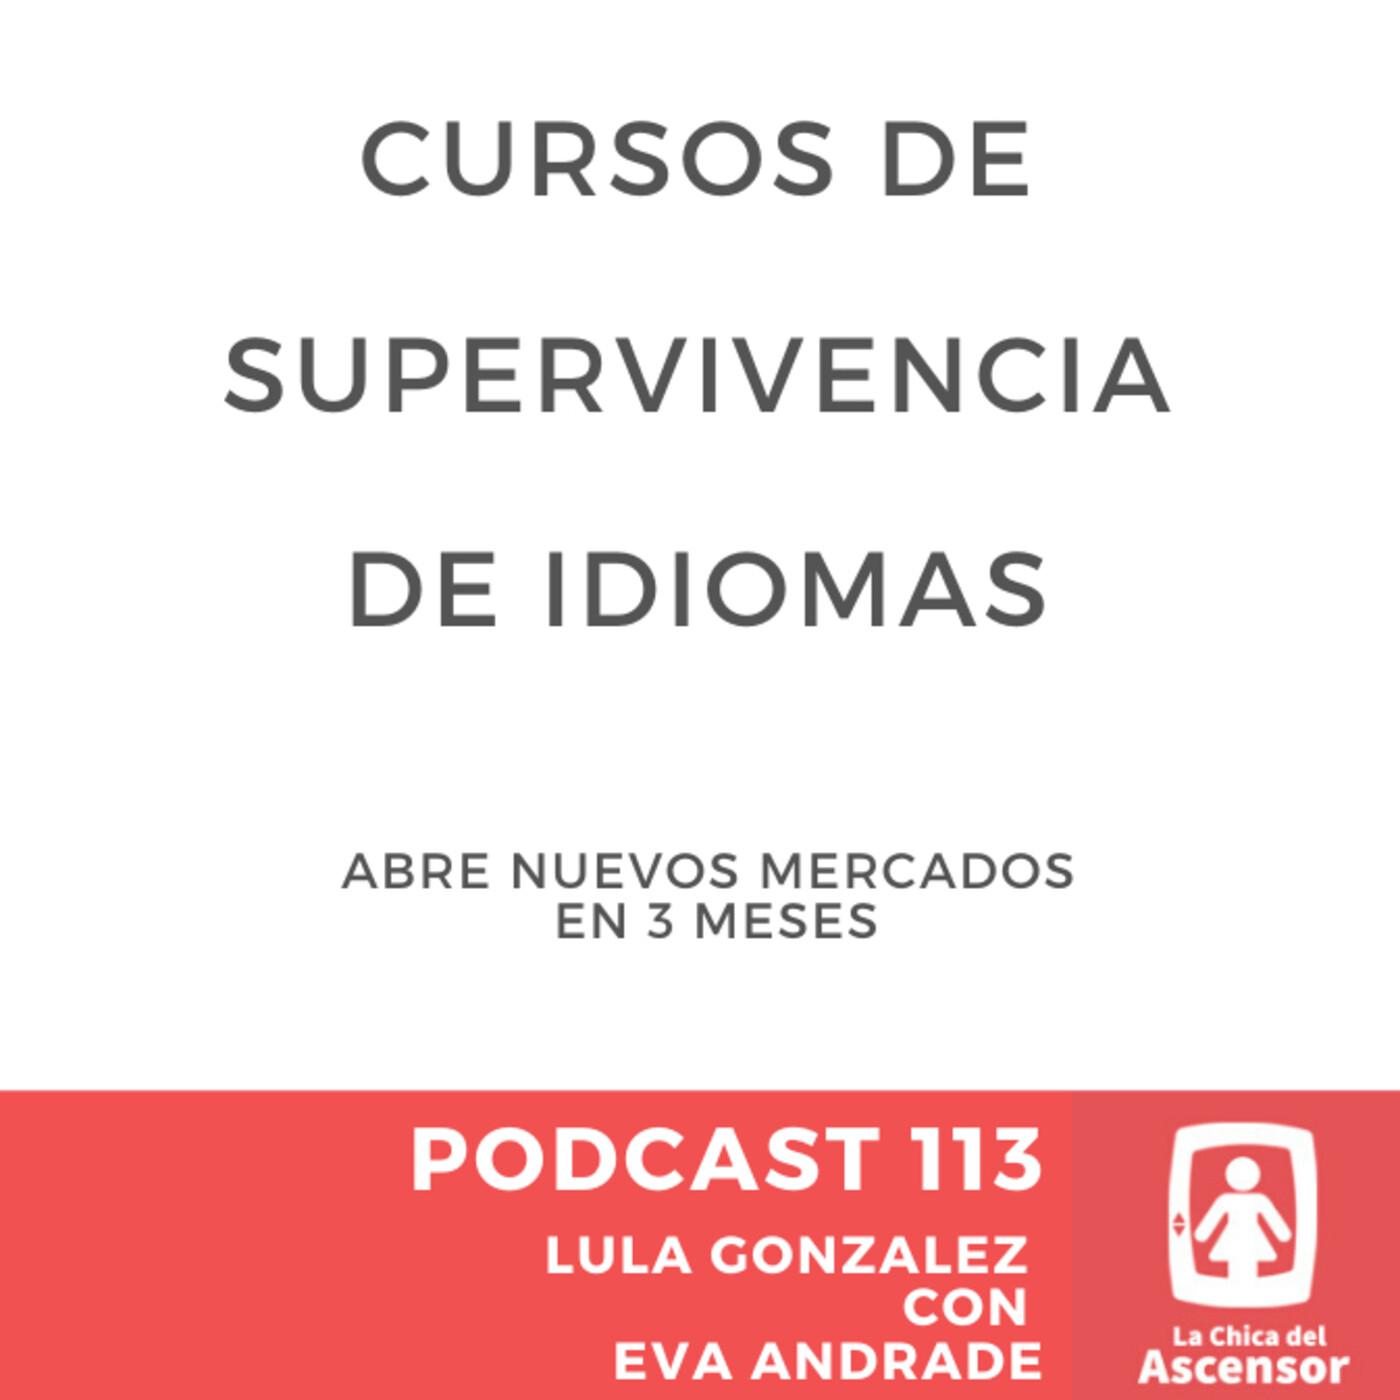 113 - Cursos de supervivencia de idiomas Portugués, Japonés, Coreano y muchos más